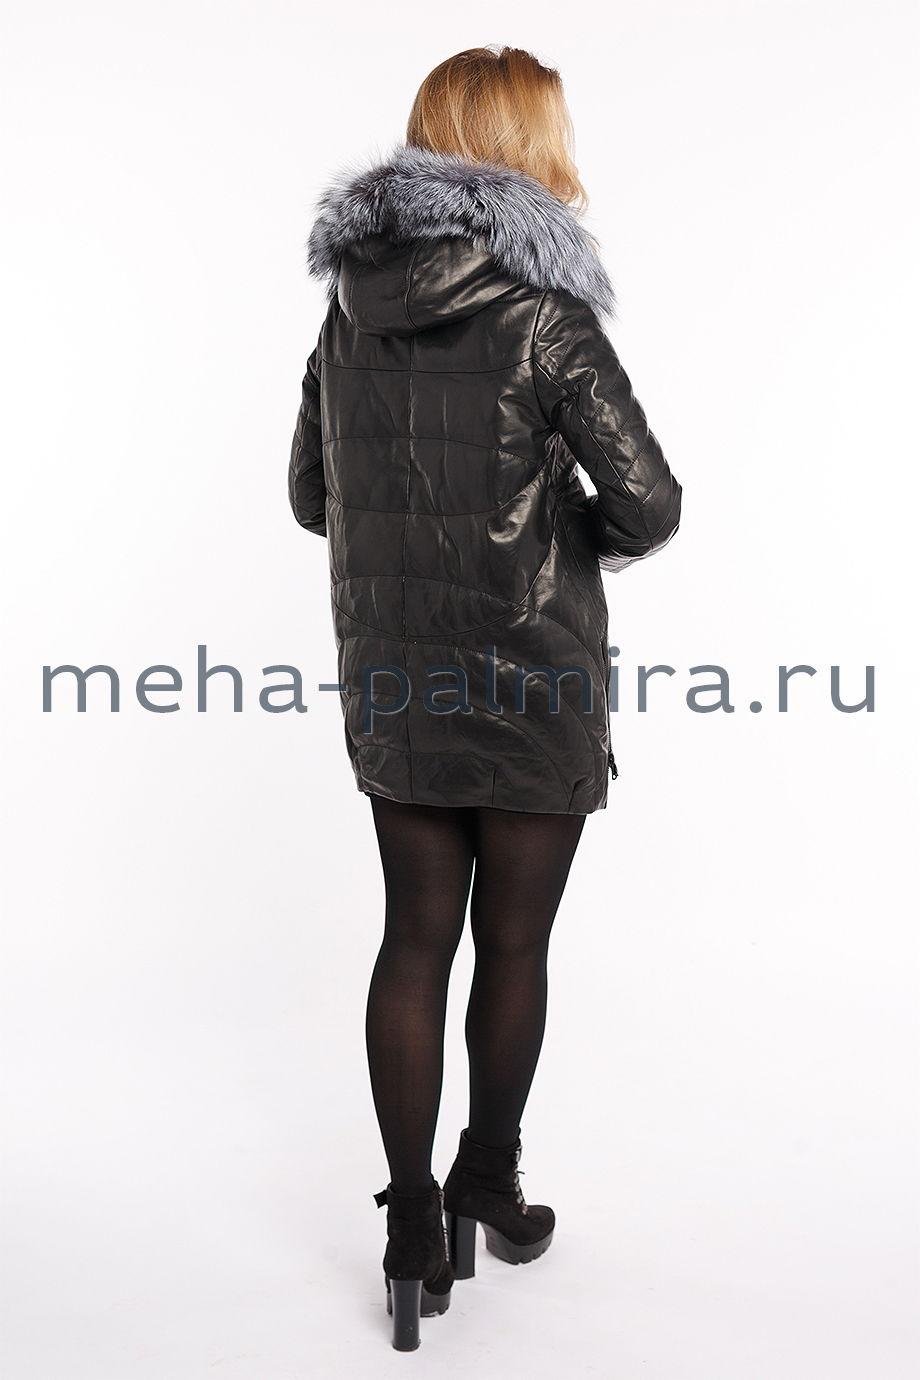 Черный кожаный пуховик с чернобуркой